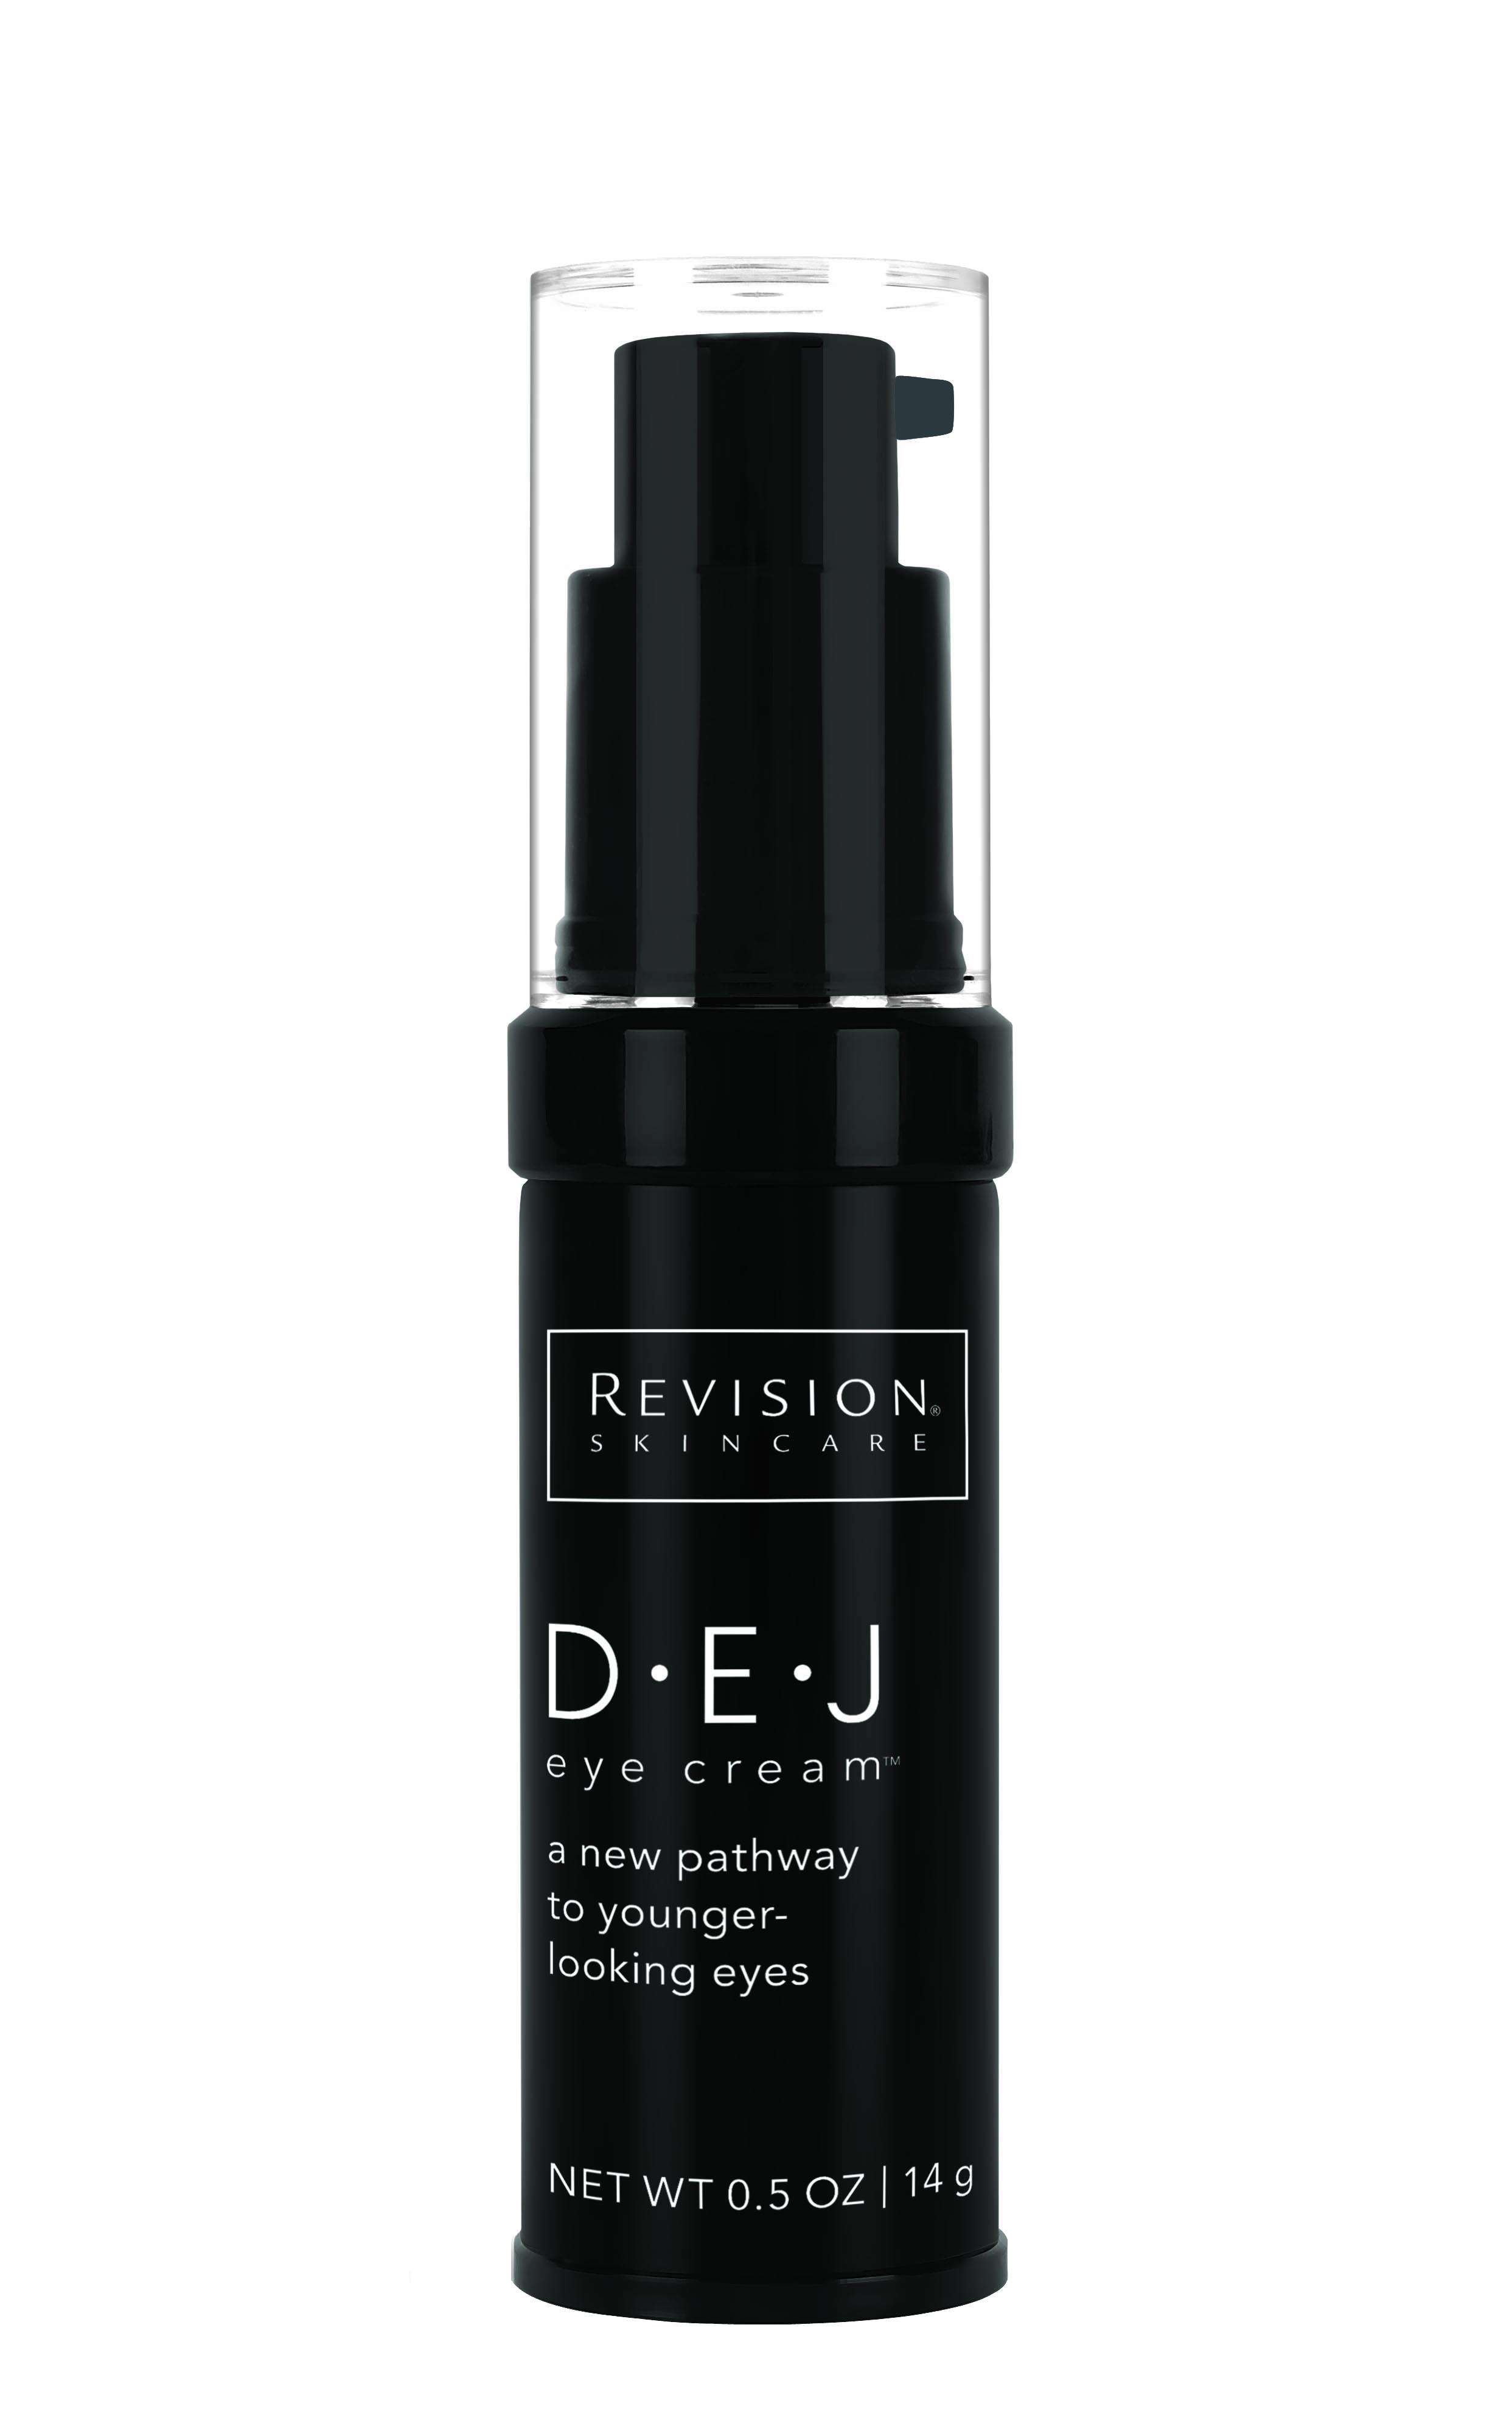 D.E.J. Face Cream